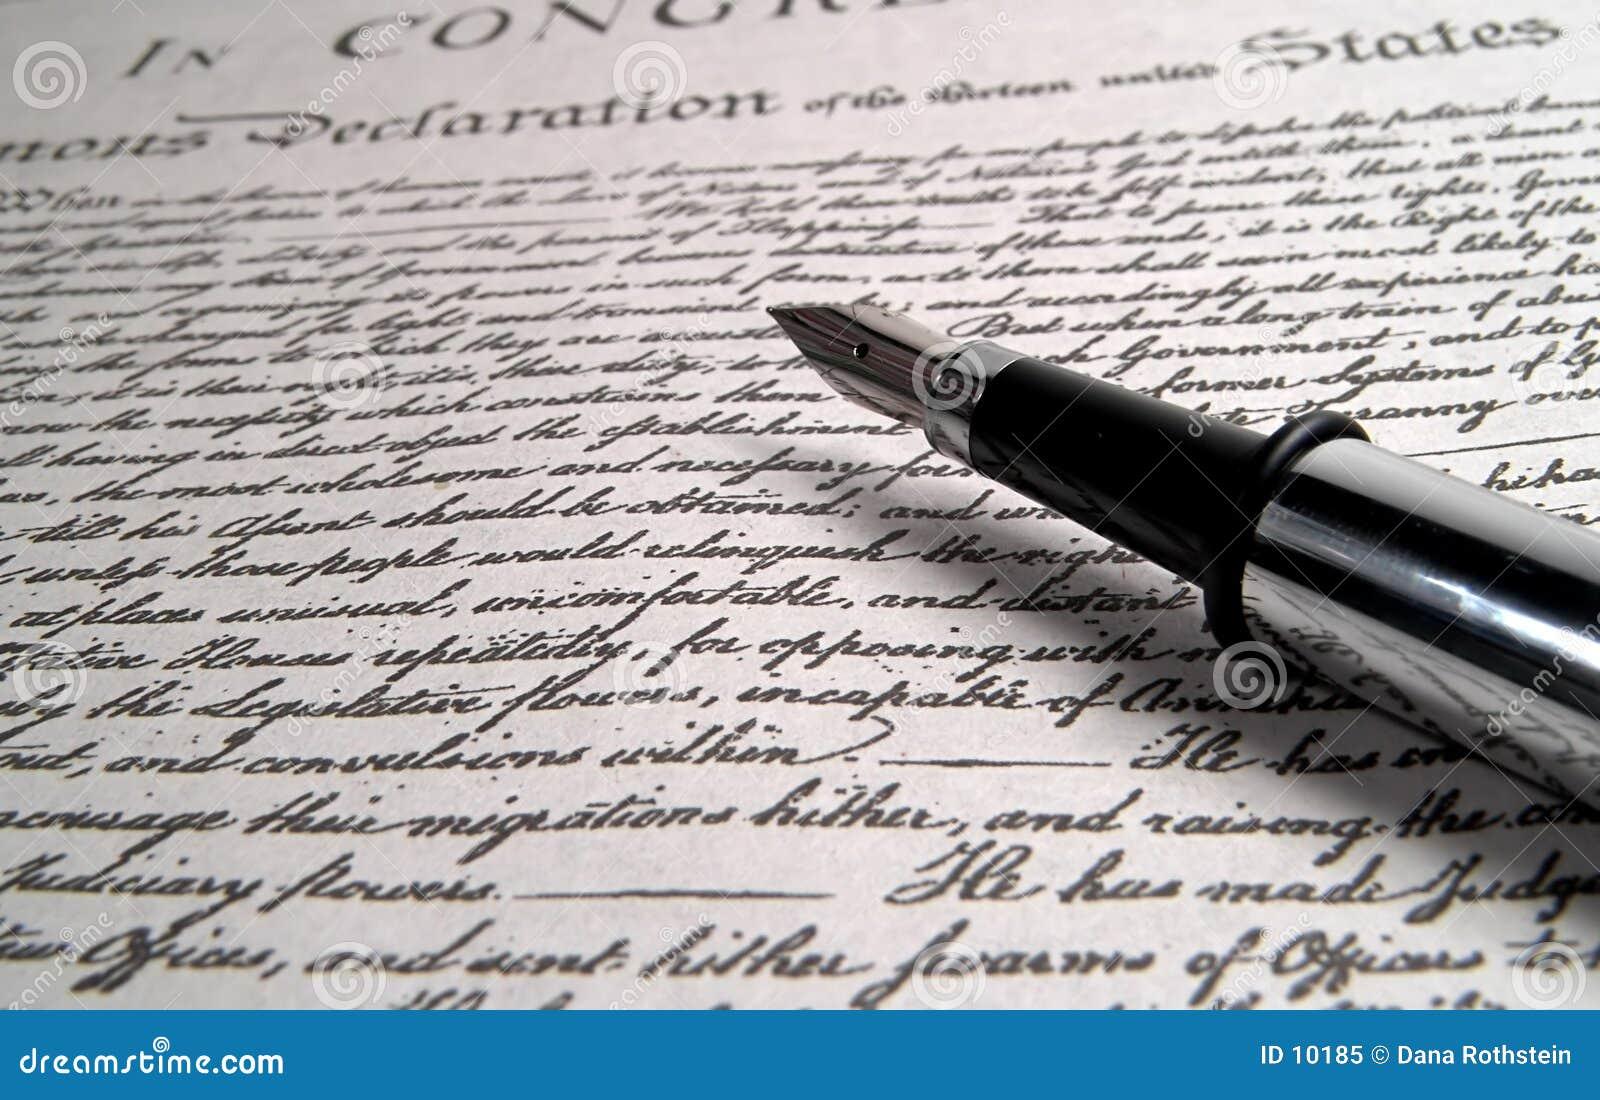 Długopis kaligrafii